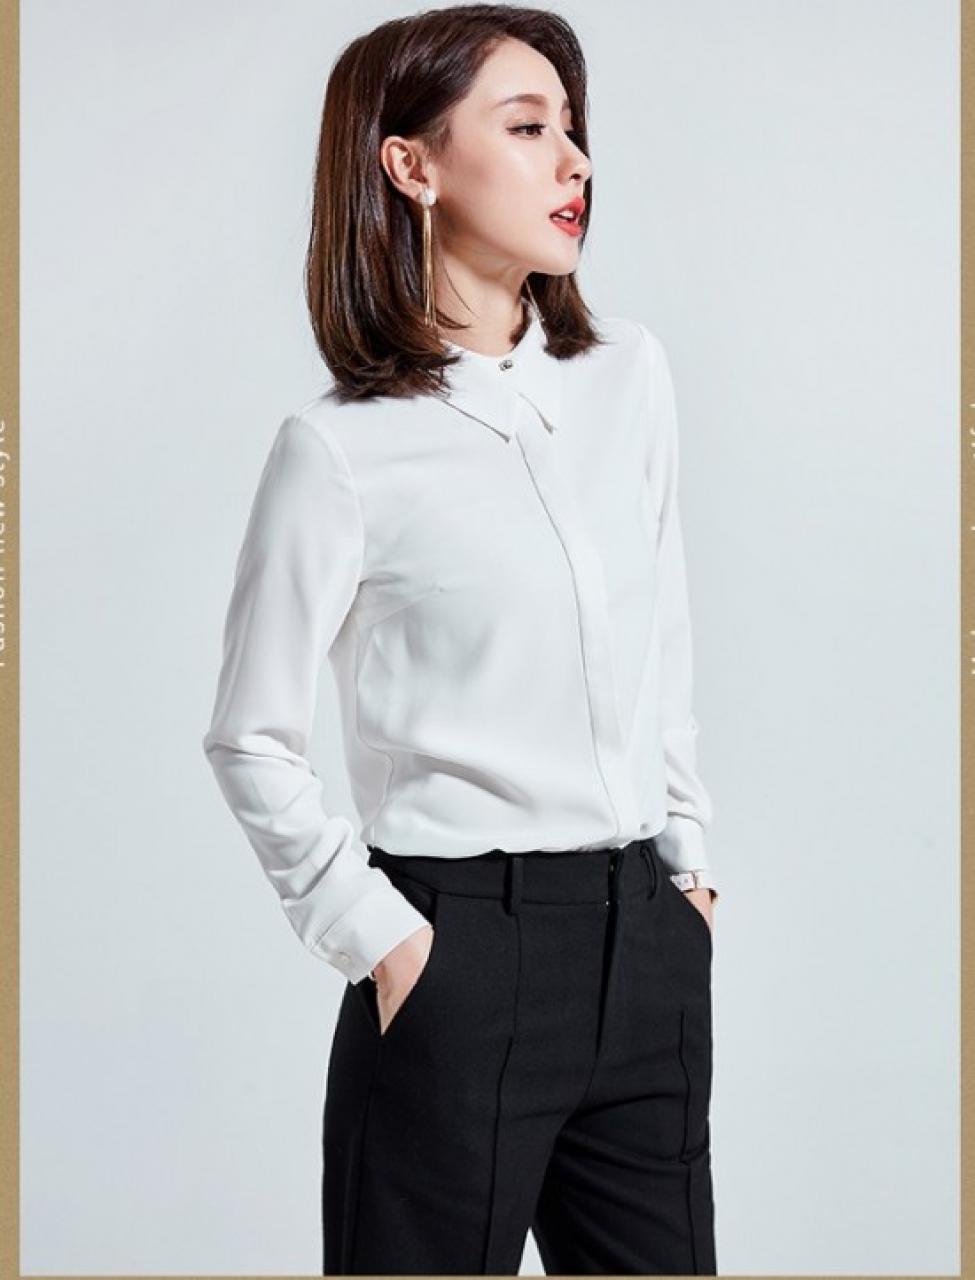 BST áo sơ mi công sở nữ tuổi trung niên và cách diện áo sơ mi công sở nữ tuổi trung niên sang trọng